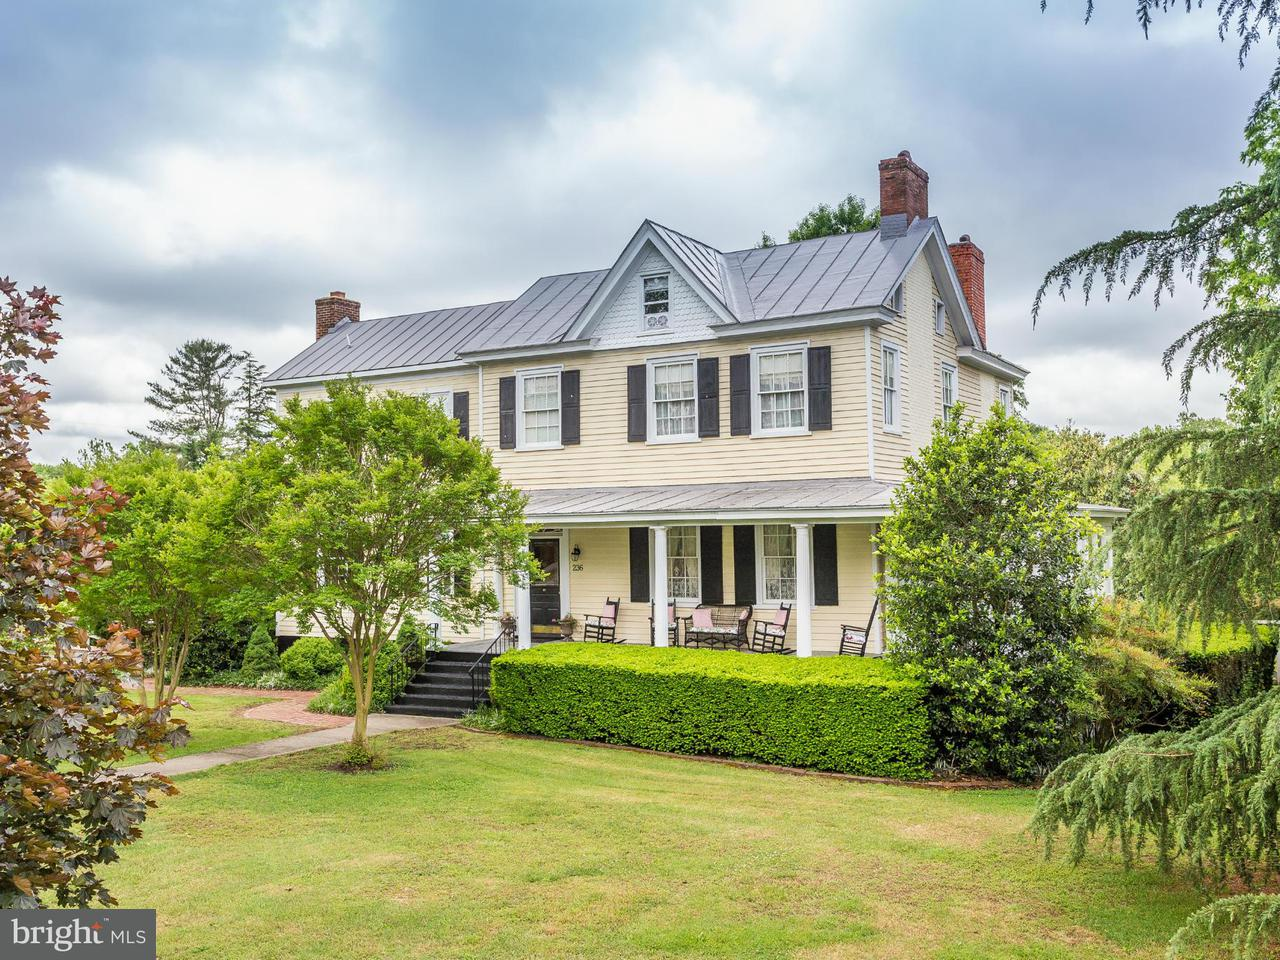 一戸建て のために 売買 アット 236 MAIN Street 236 MAIN Street Bowling Green, バージニア 22427 アメリカ合衆国